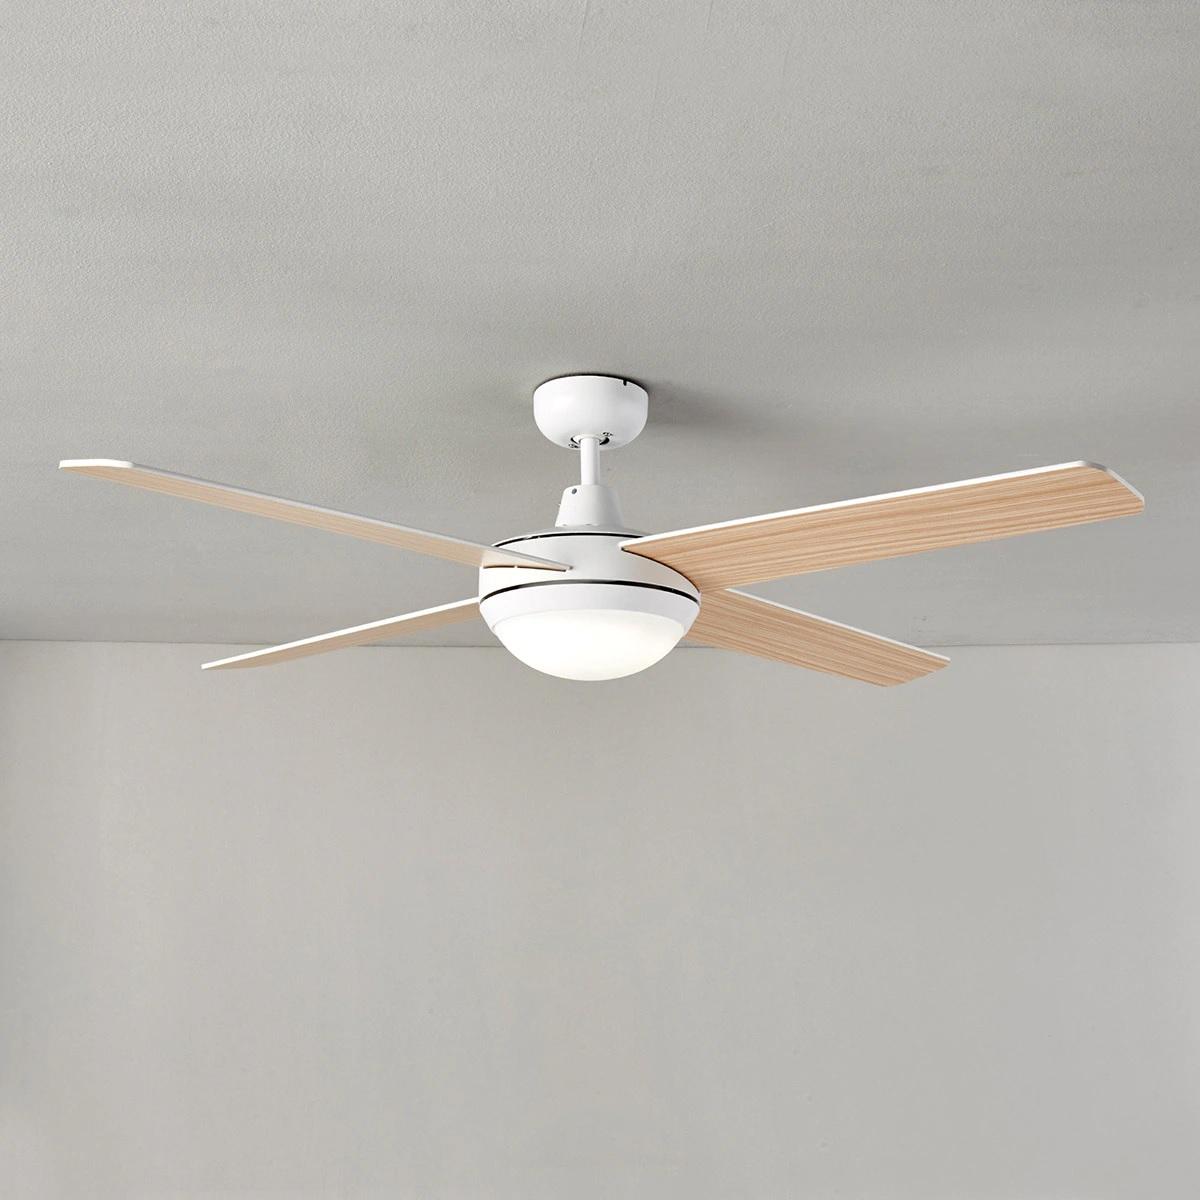 Ventilador de techo con luz LED y aspas reversibles en blanco y madera DC Dominicana El Corte Inglés